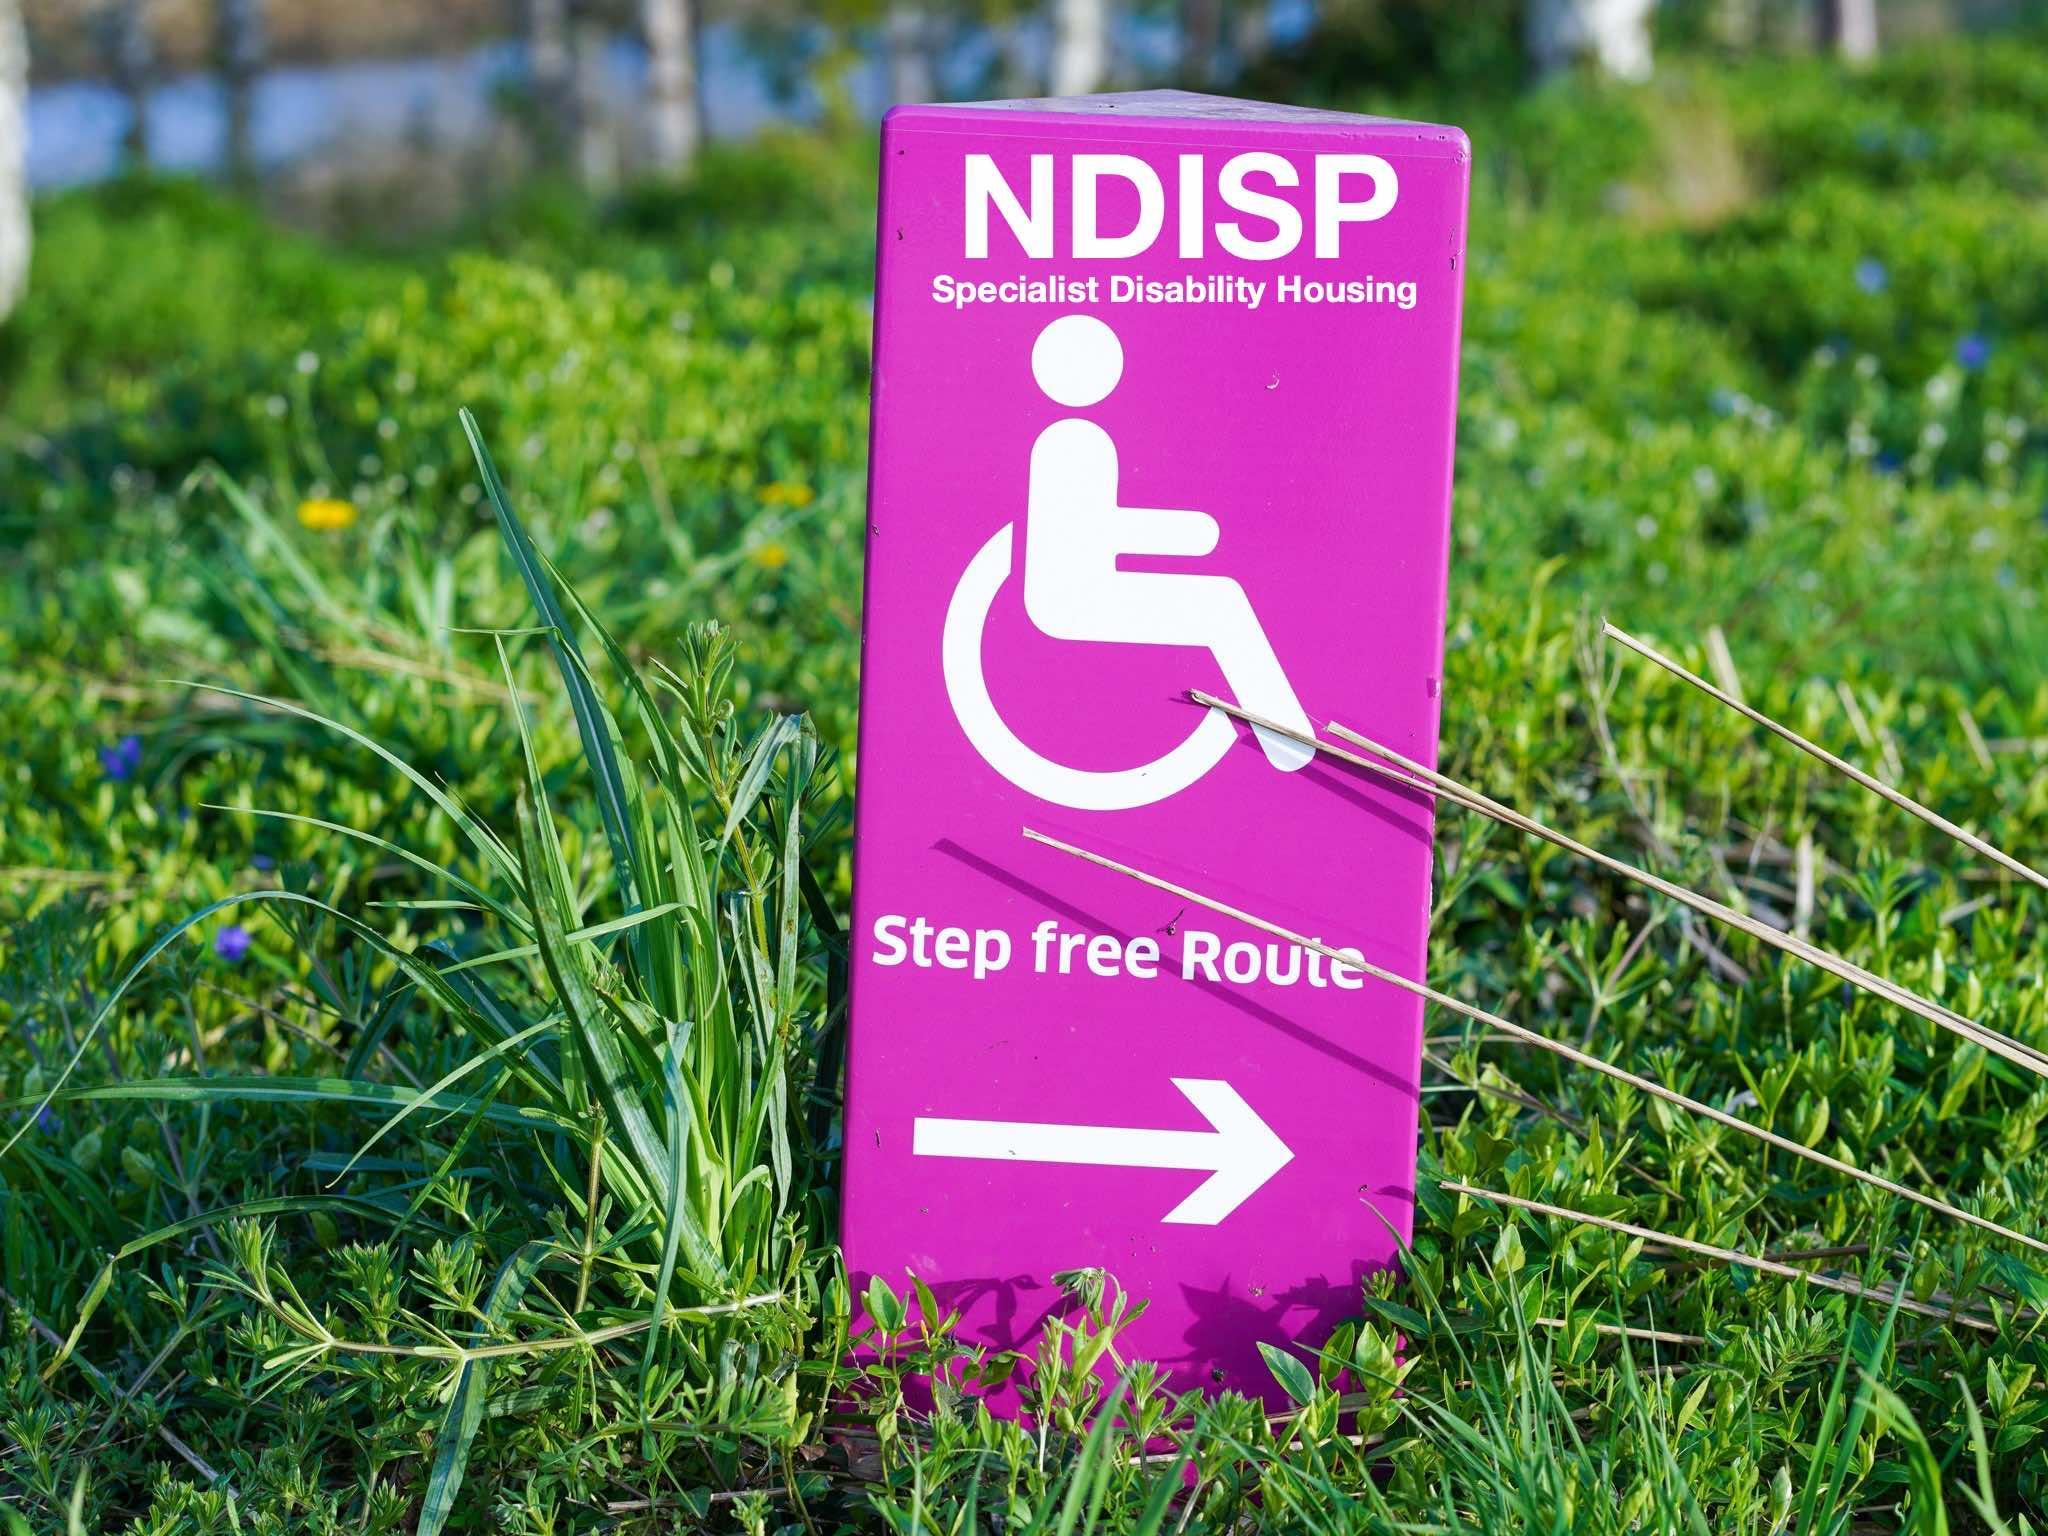 NDISP_step free image_300k